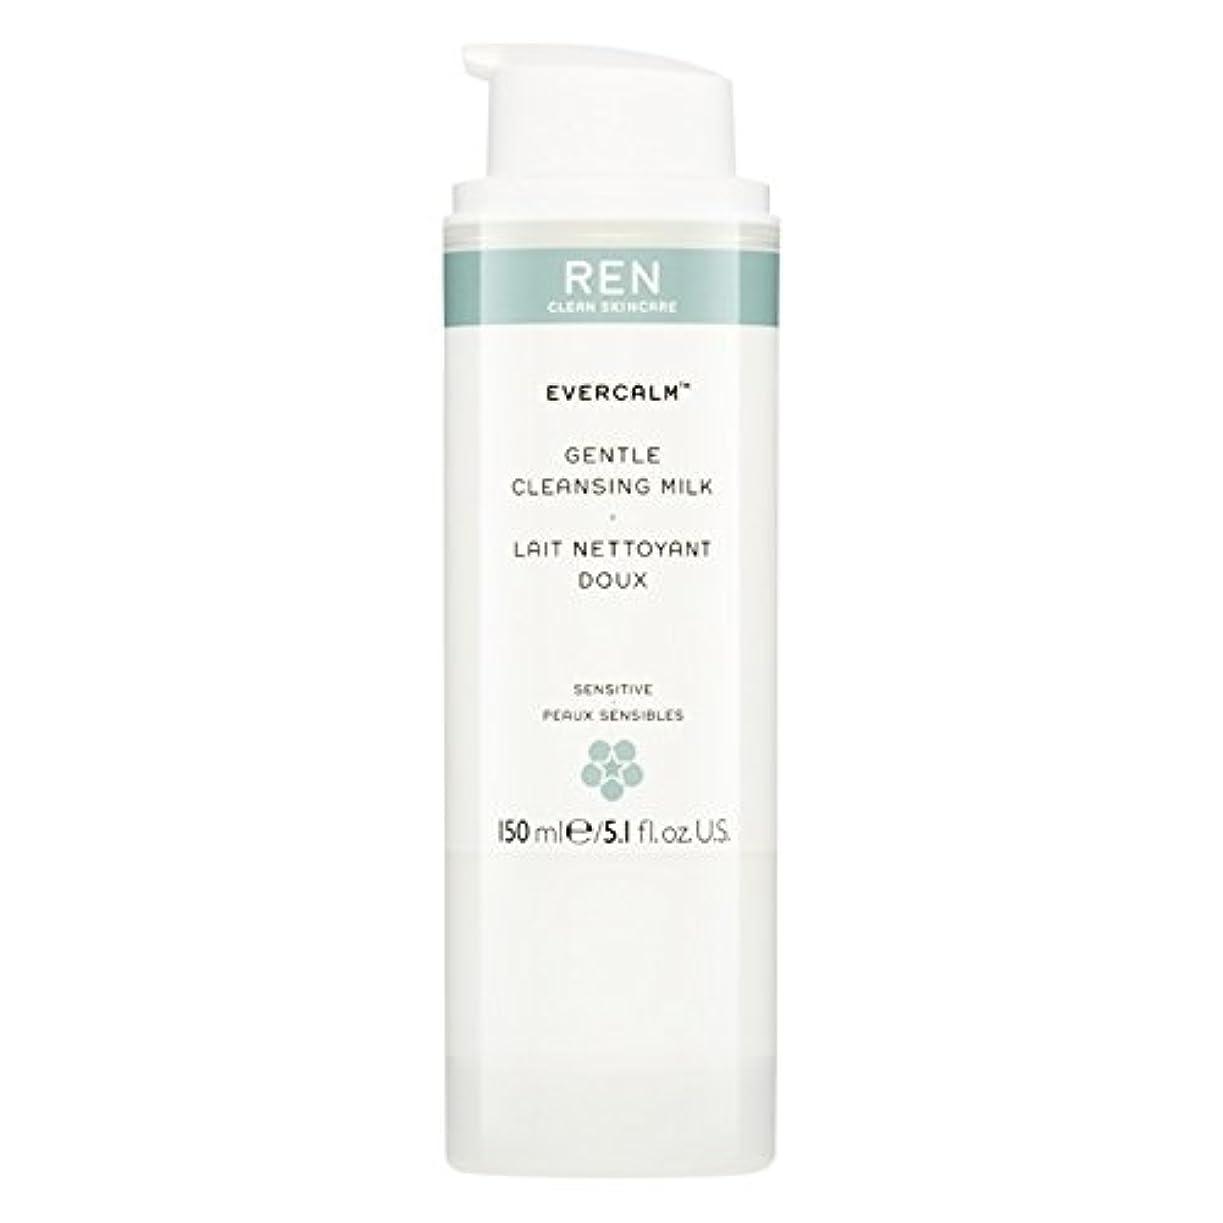 添加剤批判的重要Ren Evercalm優しいクレンジングミルク、150ミリリットル (REN) (x6) - REN Evercalm Gentle Cleansing Milk, 150ml (Pack of 6) [並行輸入品]